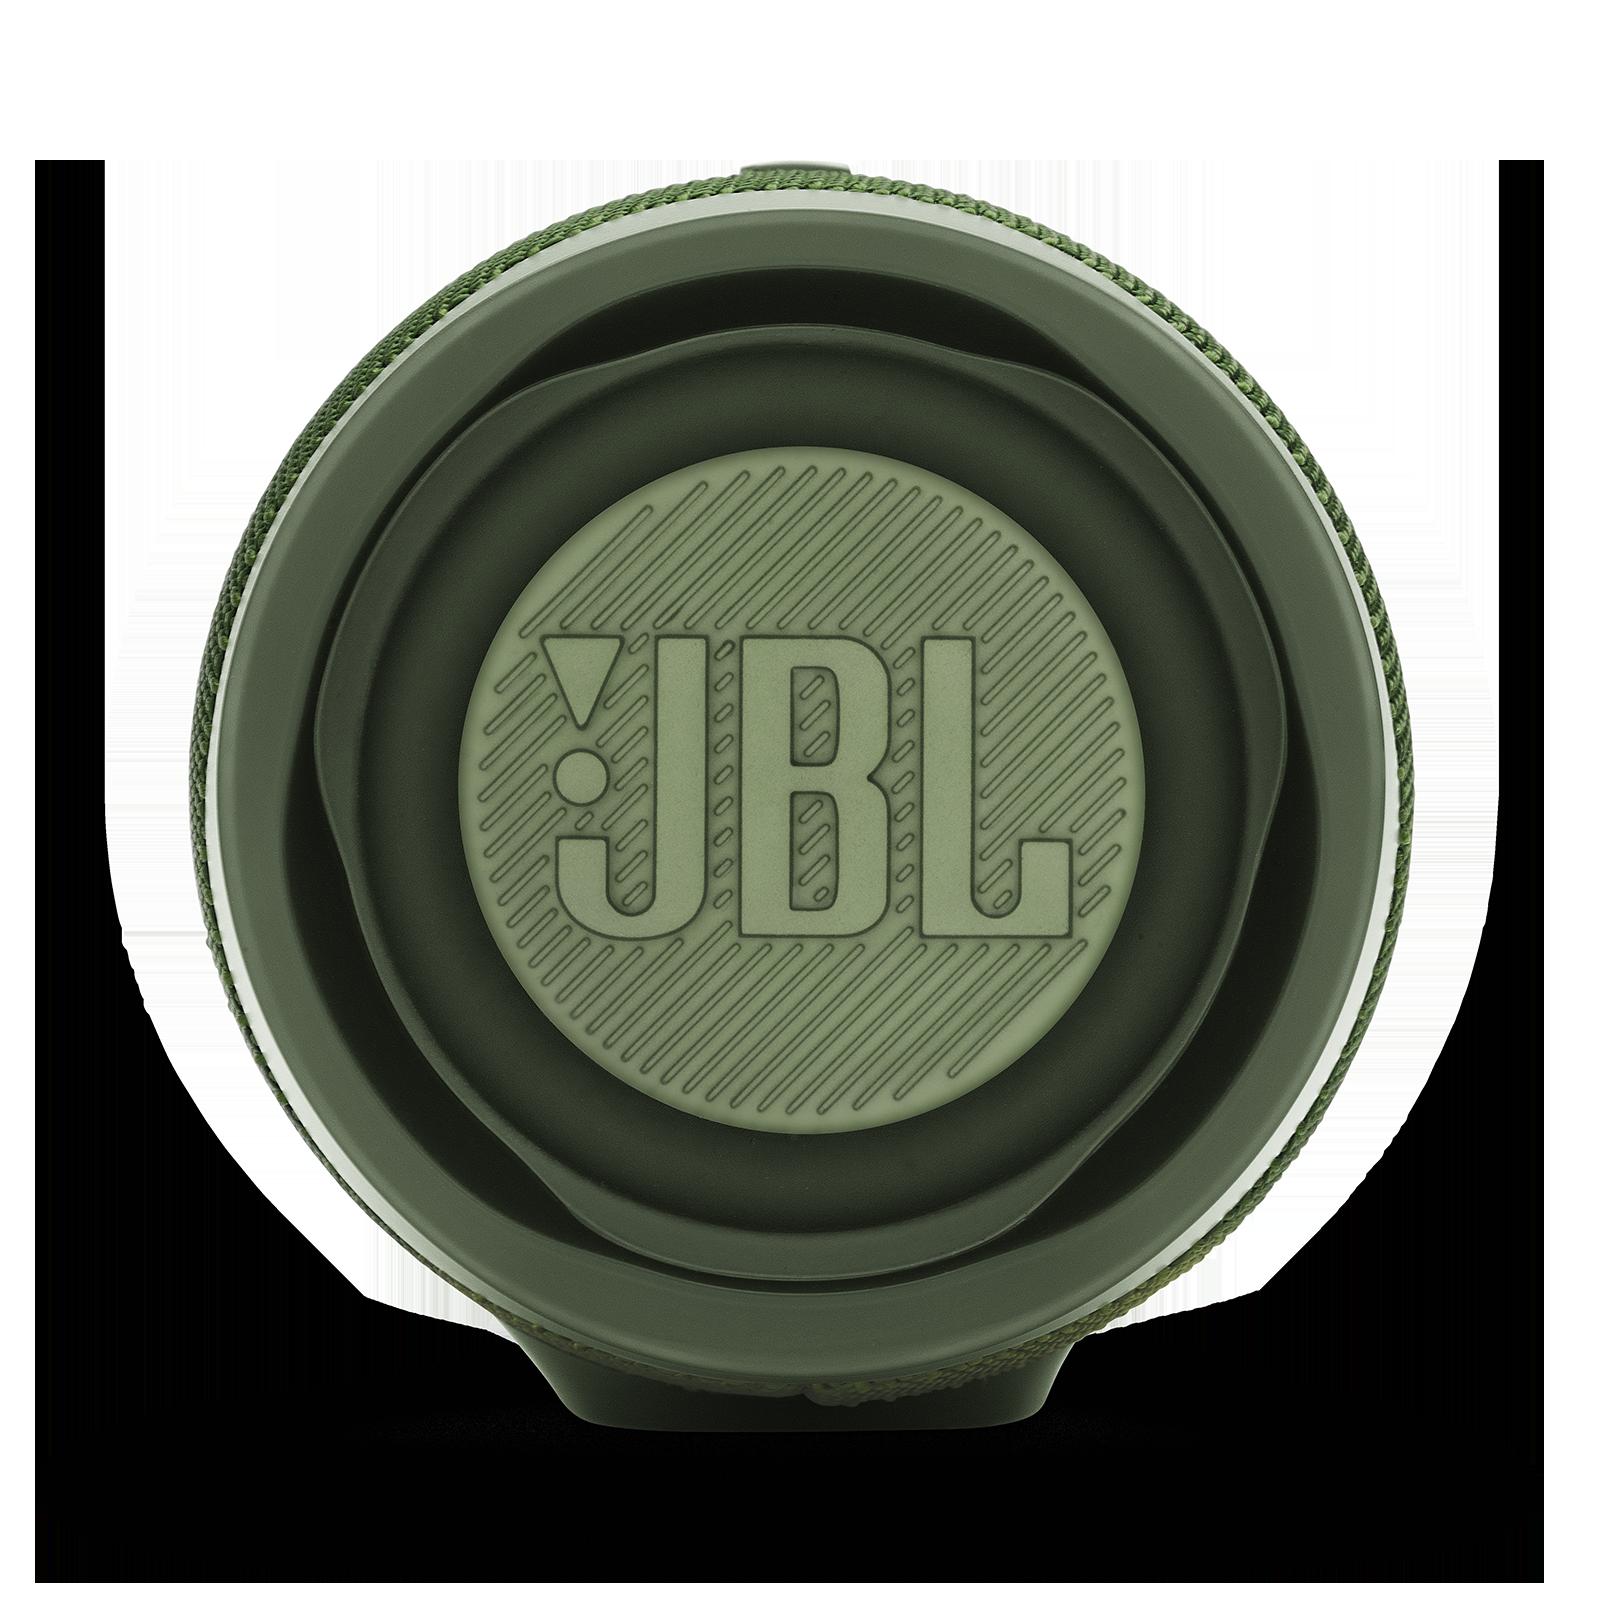 JBL Charge 4 - Forest Green - Portable Bluetooth speaker - Detailshot 2